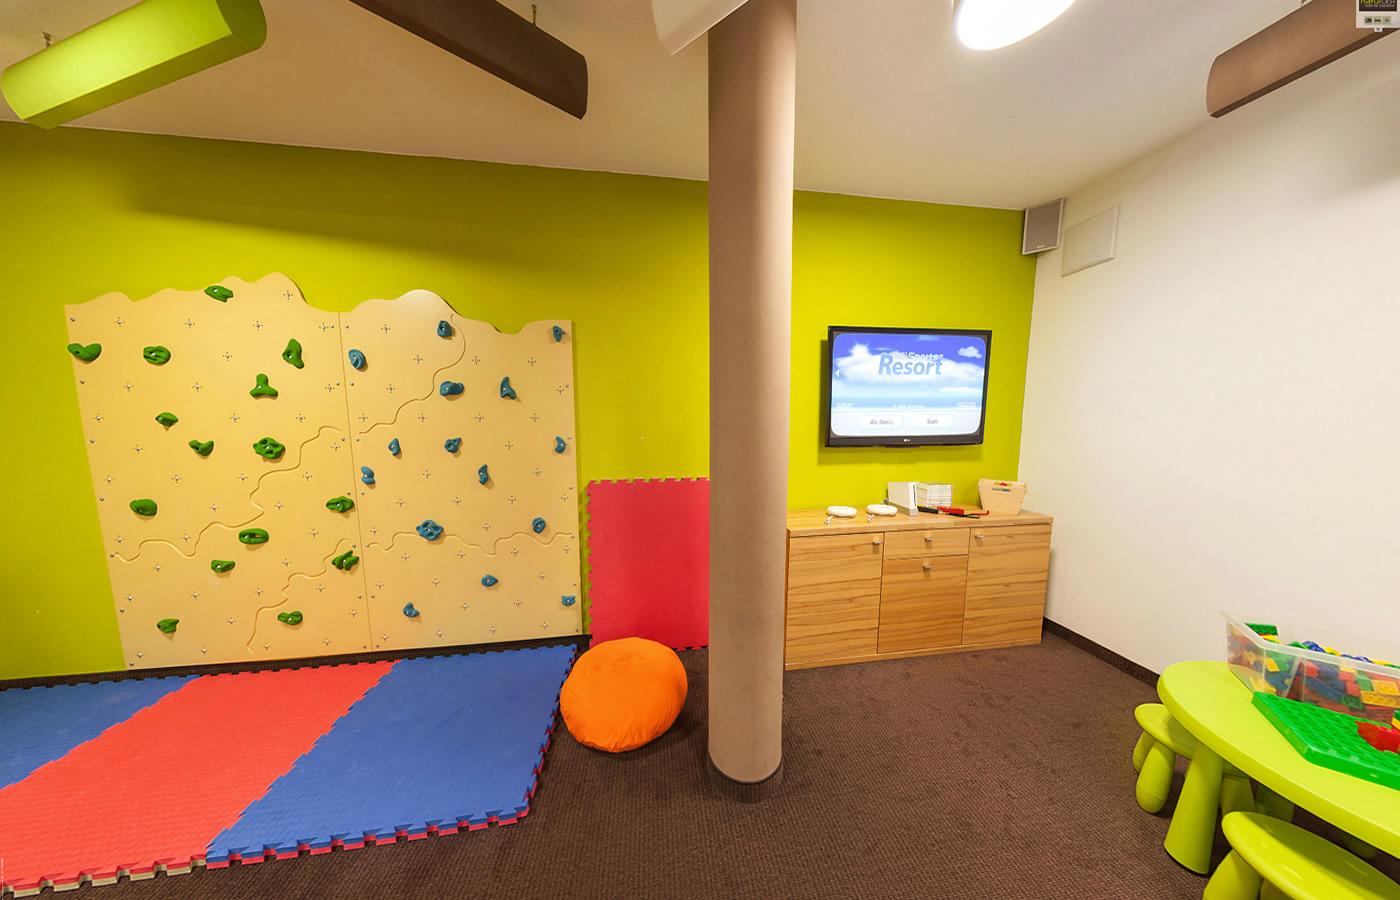 Zimmer zum spielen für Familien mit Kinder. Familienzimmer in Fiss, Tirol.